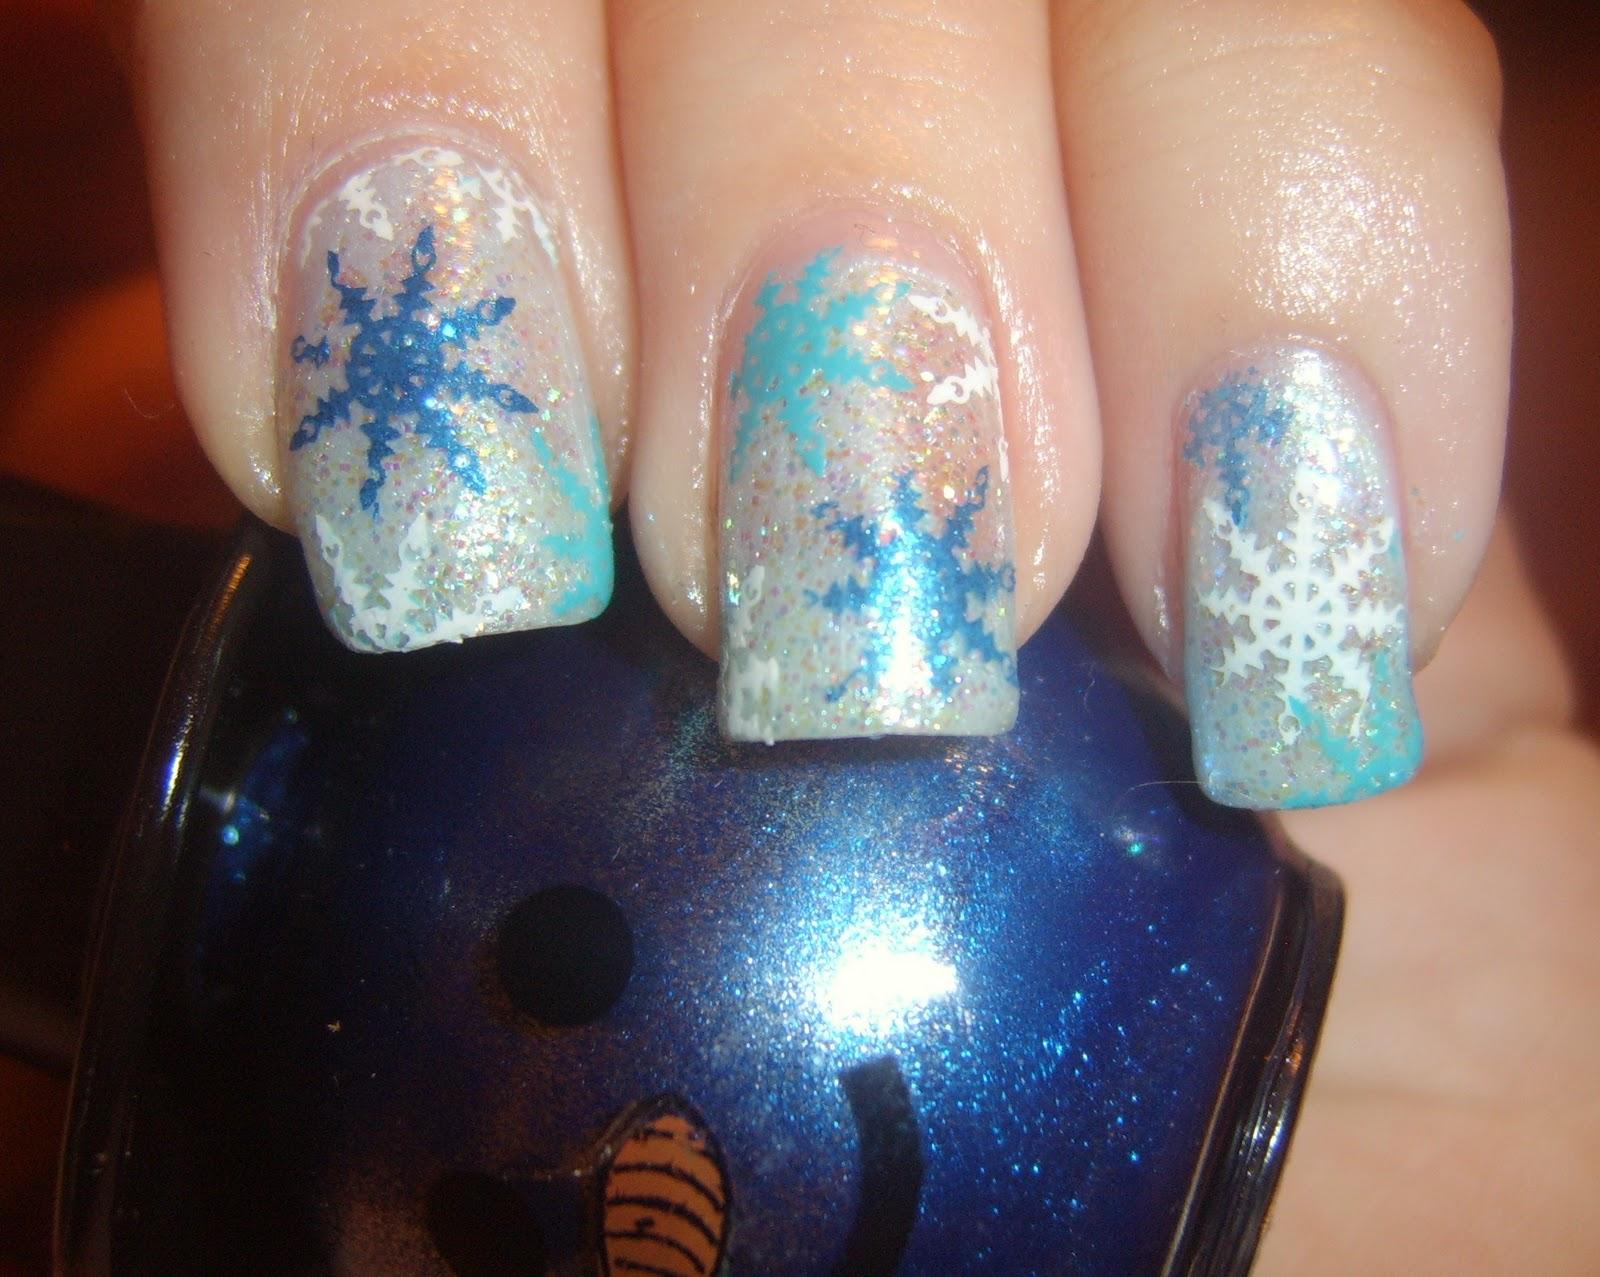 Nails Art: Snowflake nail art design